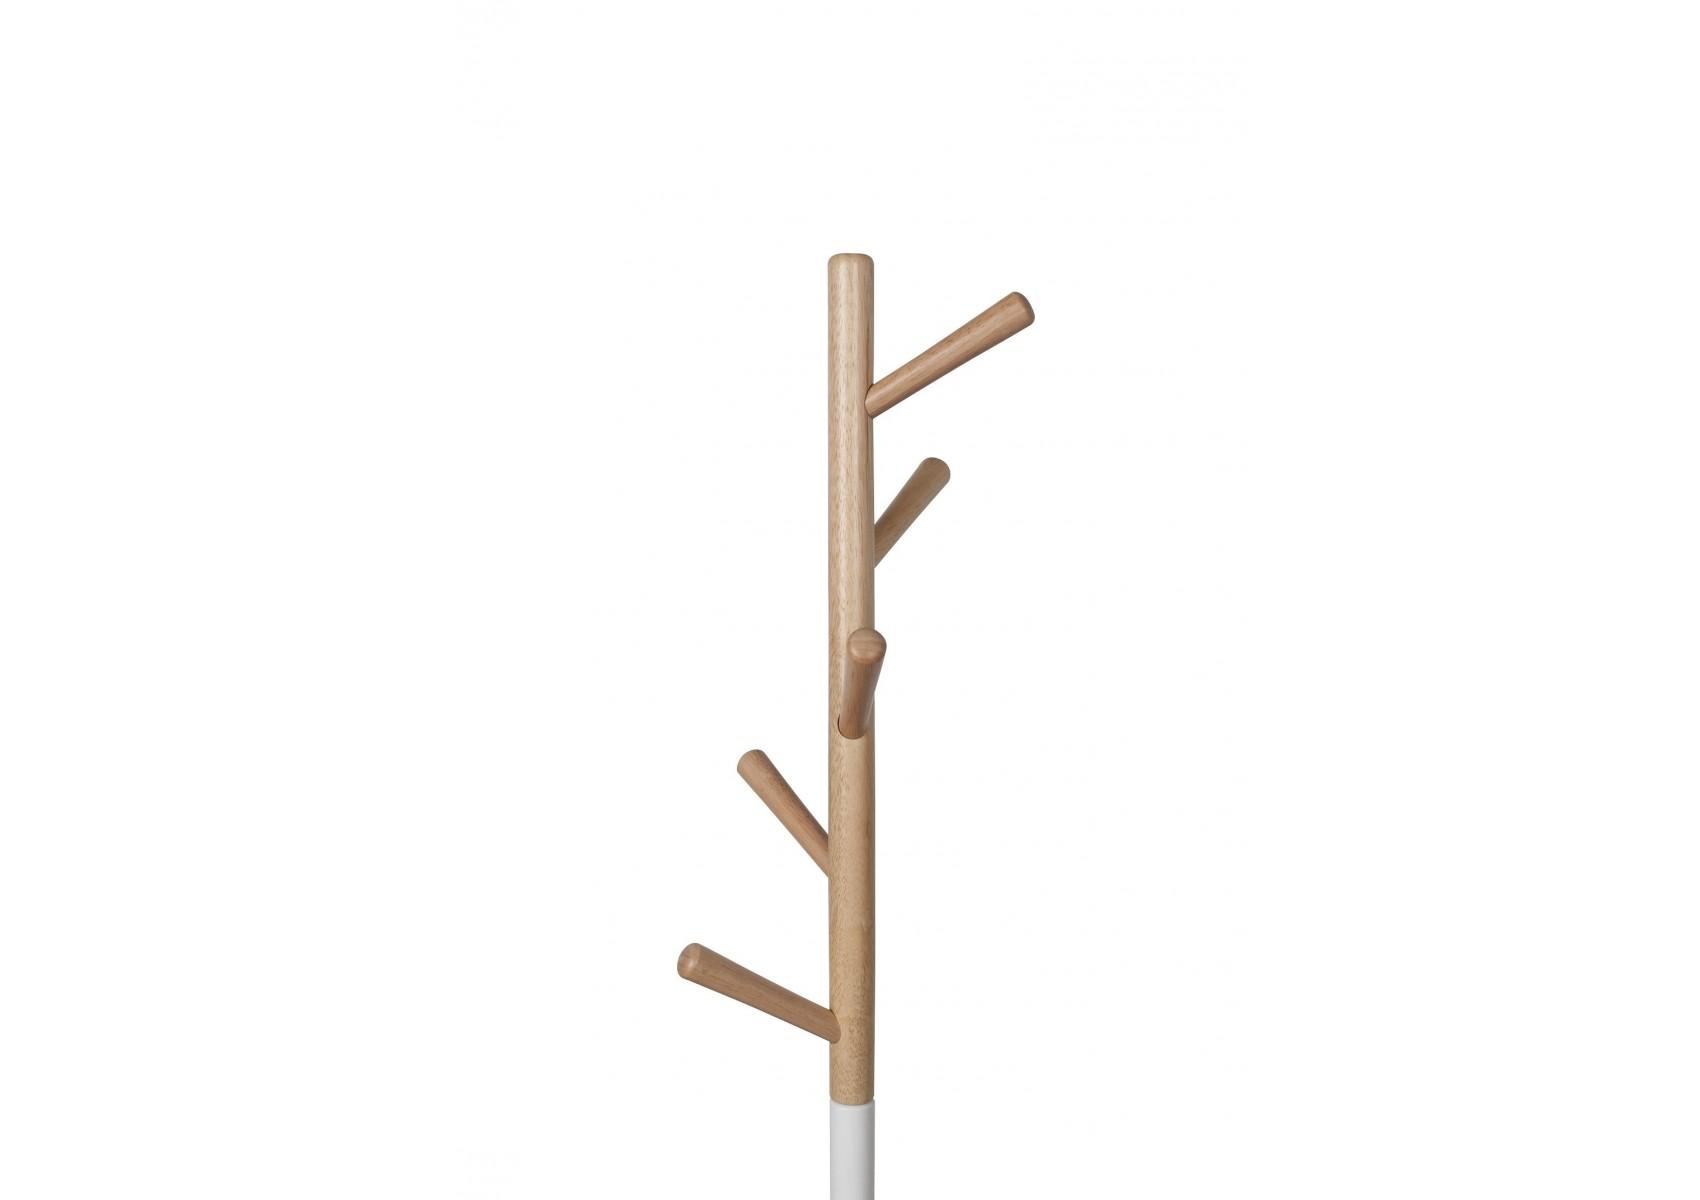 Porte manteaux multifonctionnel table tree design scandinave boite design - Porte manteau scandinave ...